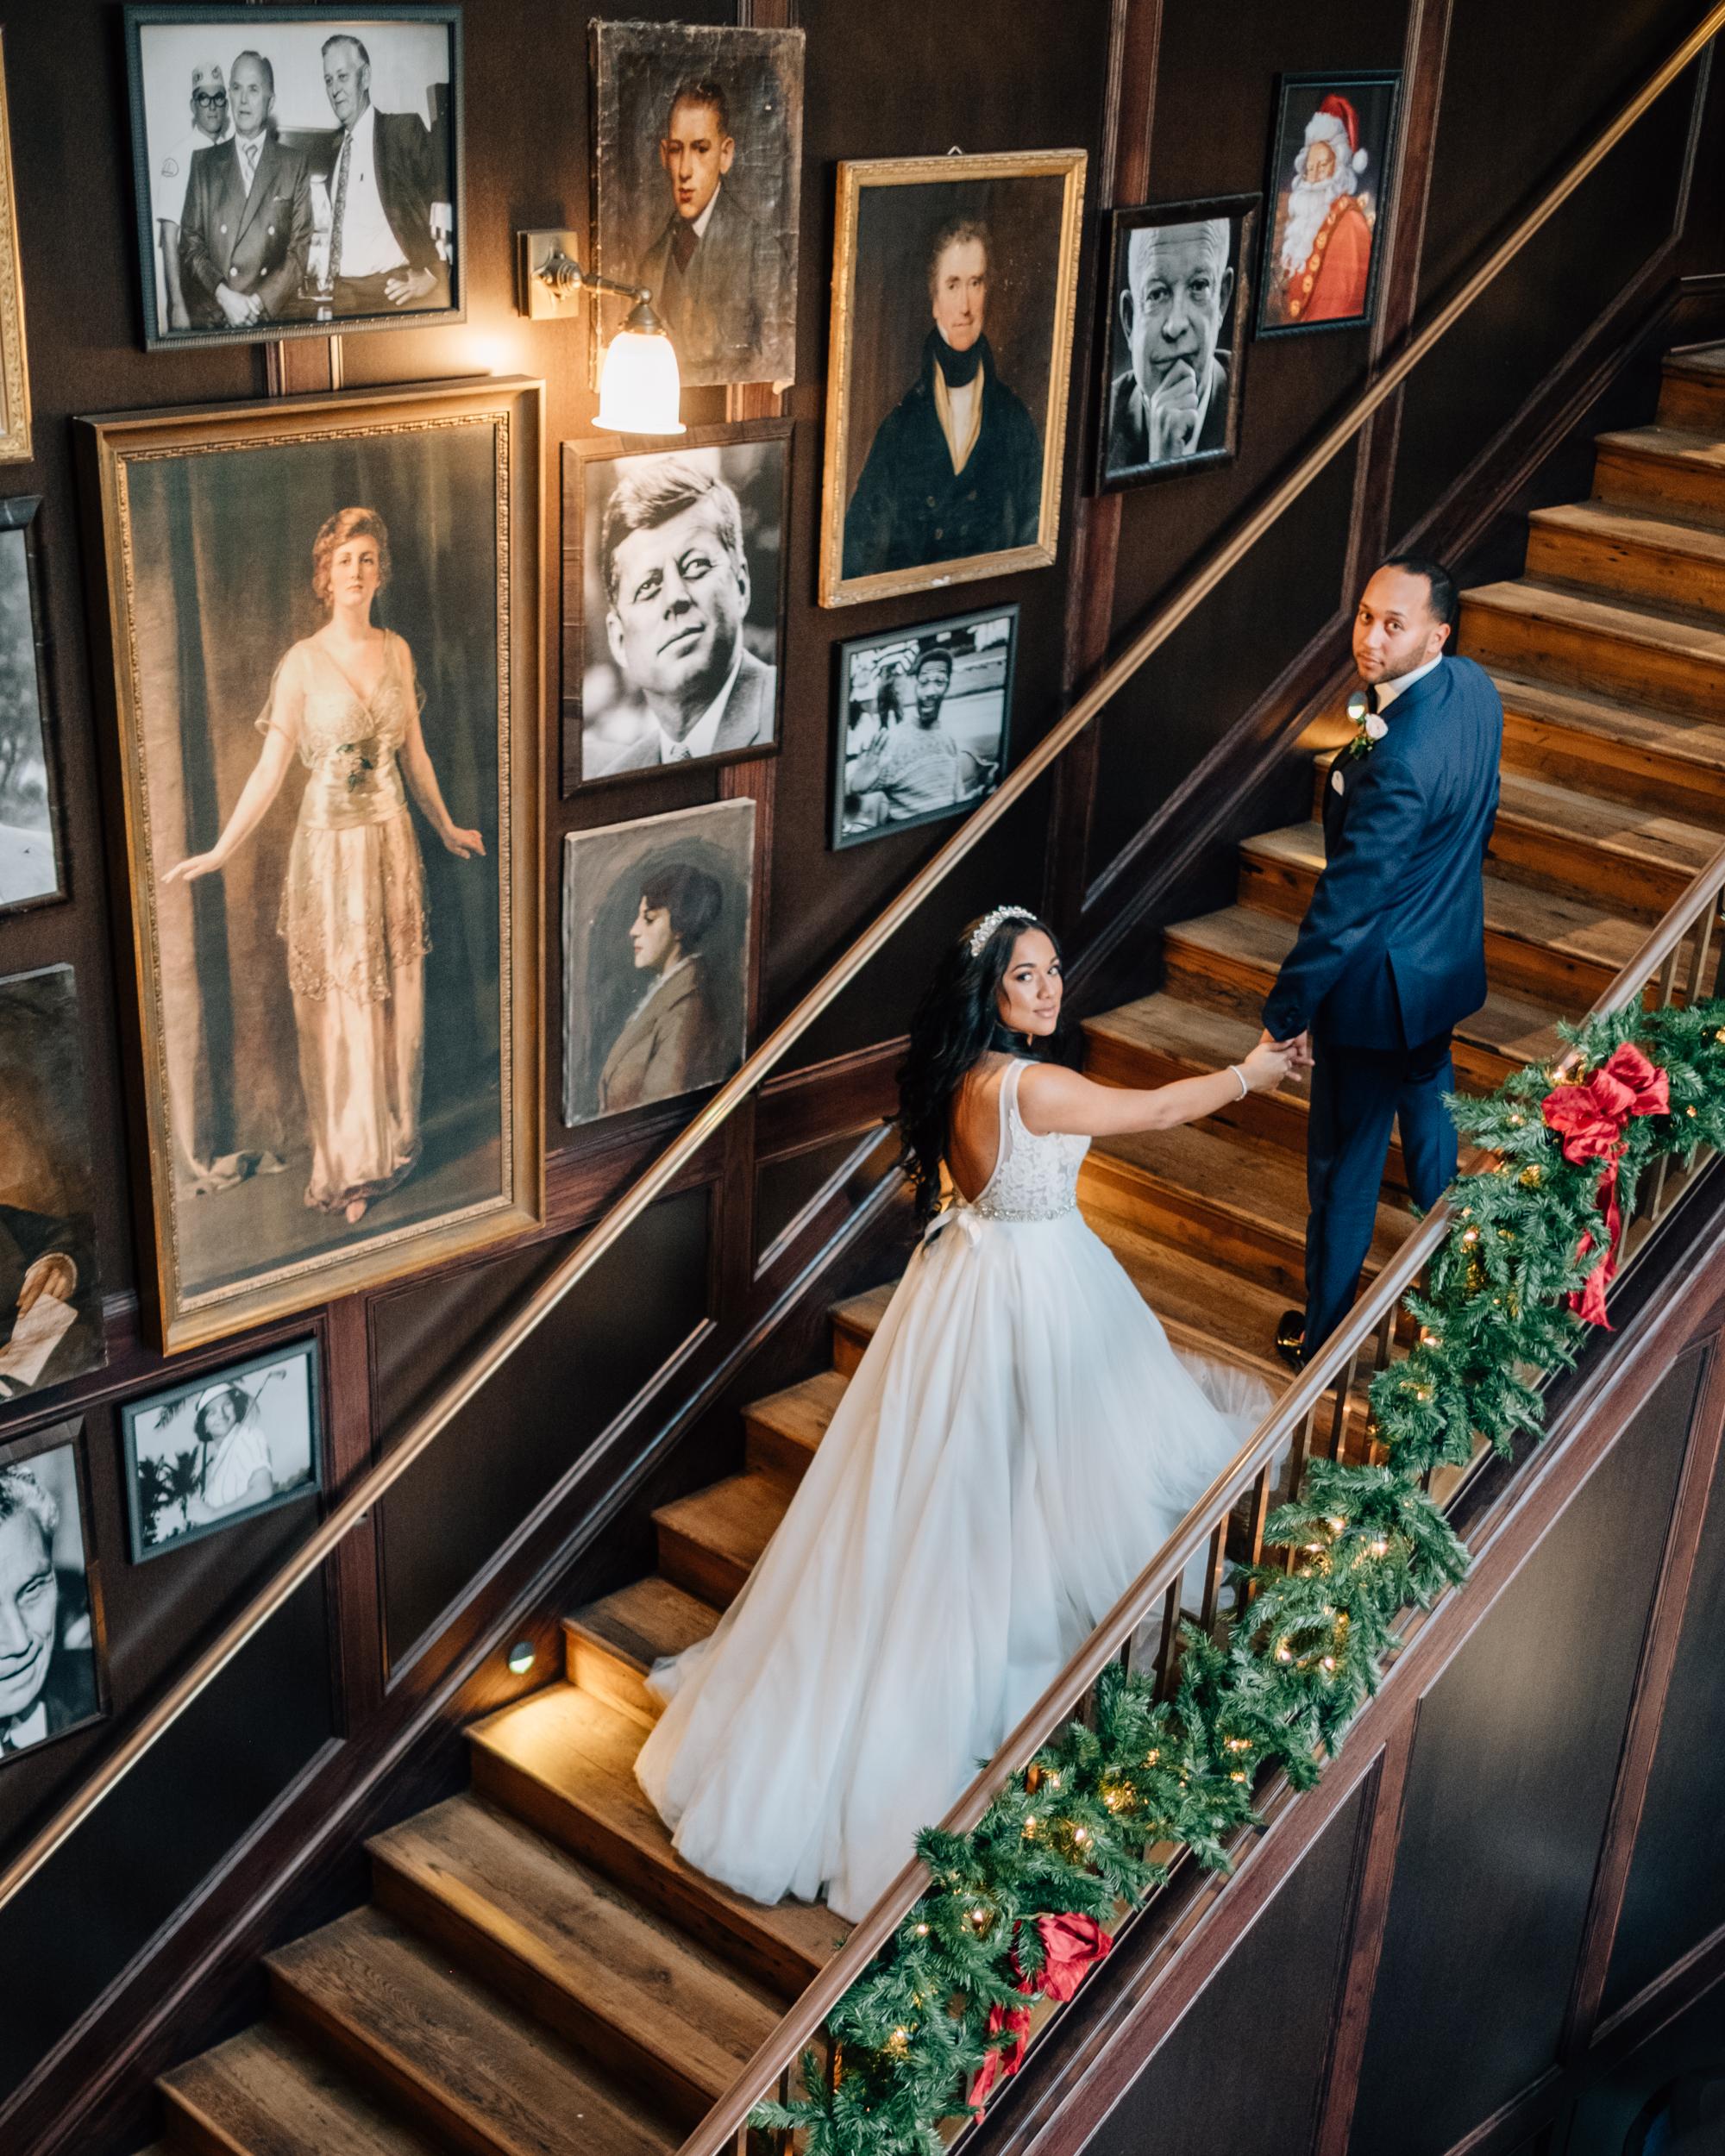 Oxford Exchange Wedding.Oxford Exchange Wedding Blog Amethyst Weddings